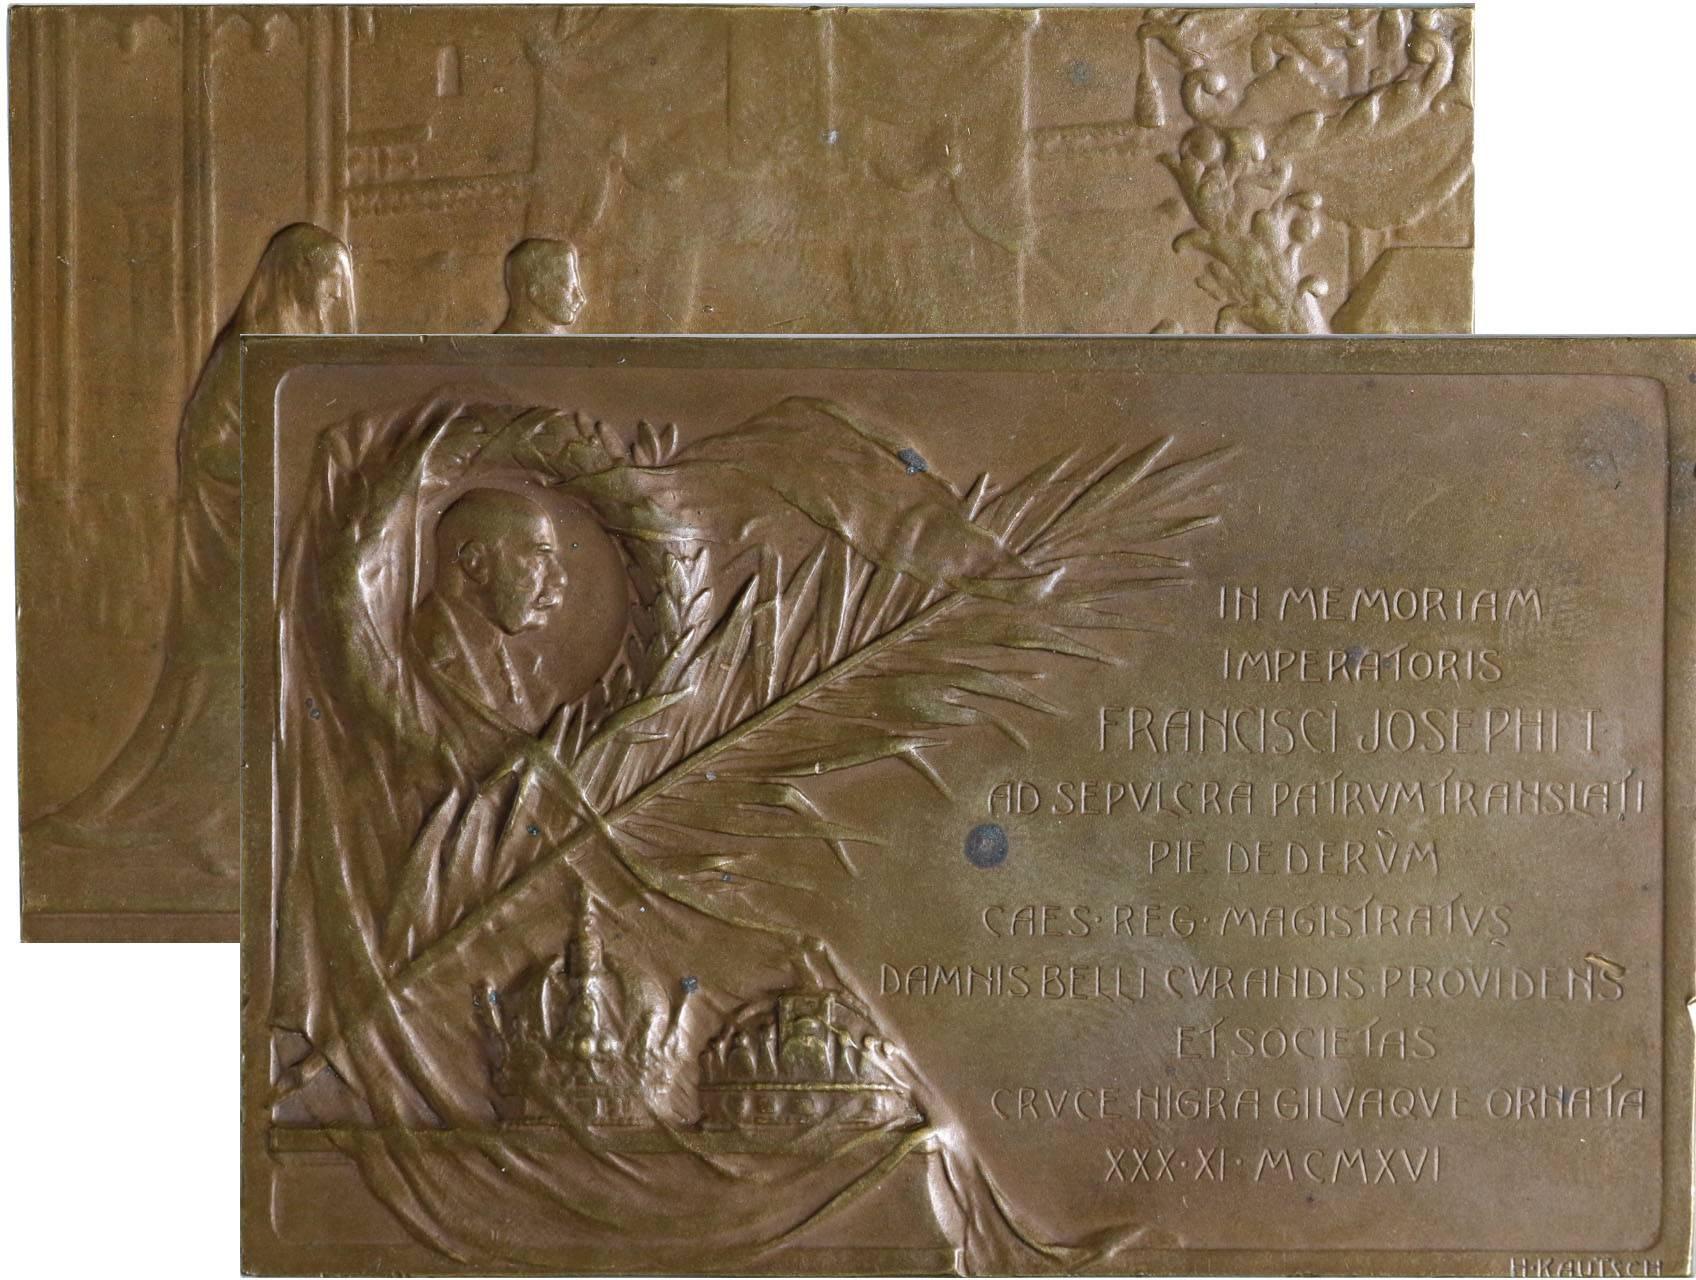 Kautsch Heinrich 1859-1943 - AE oboustranná plaketa k pohřbu Františka Josefa I. 30. 11. 1916. Pohřební kočár, za ním následník trůnu arc. Karel s rodinou / portrét F. J. I. ve věnci, atributy, text. Bronz 48 x 75 mm, hranky, rysky